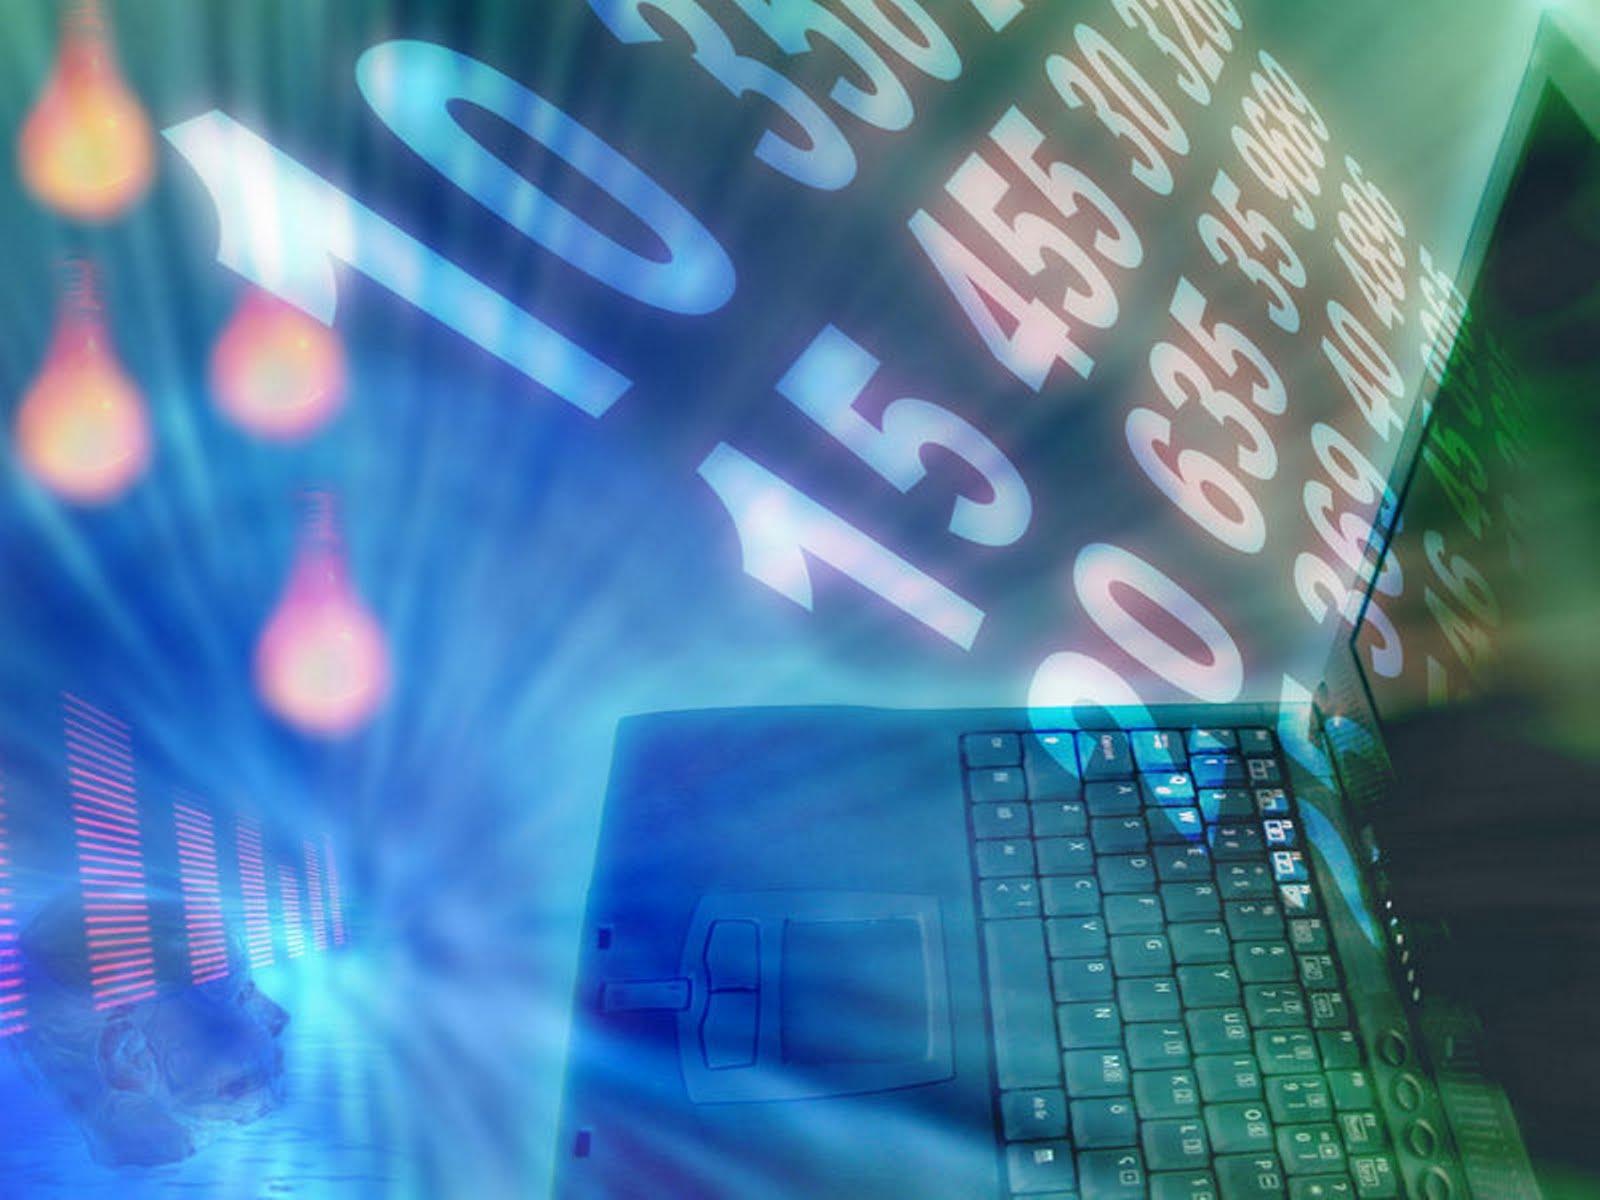 http://1.bp.blogspot.com/_h9a1jvT3IrM/S9_fPDBX4HI/AAAAAAAAA3k/np8bYTToZwo/s1600/Computer_data_180_144.jpg